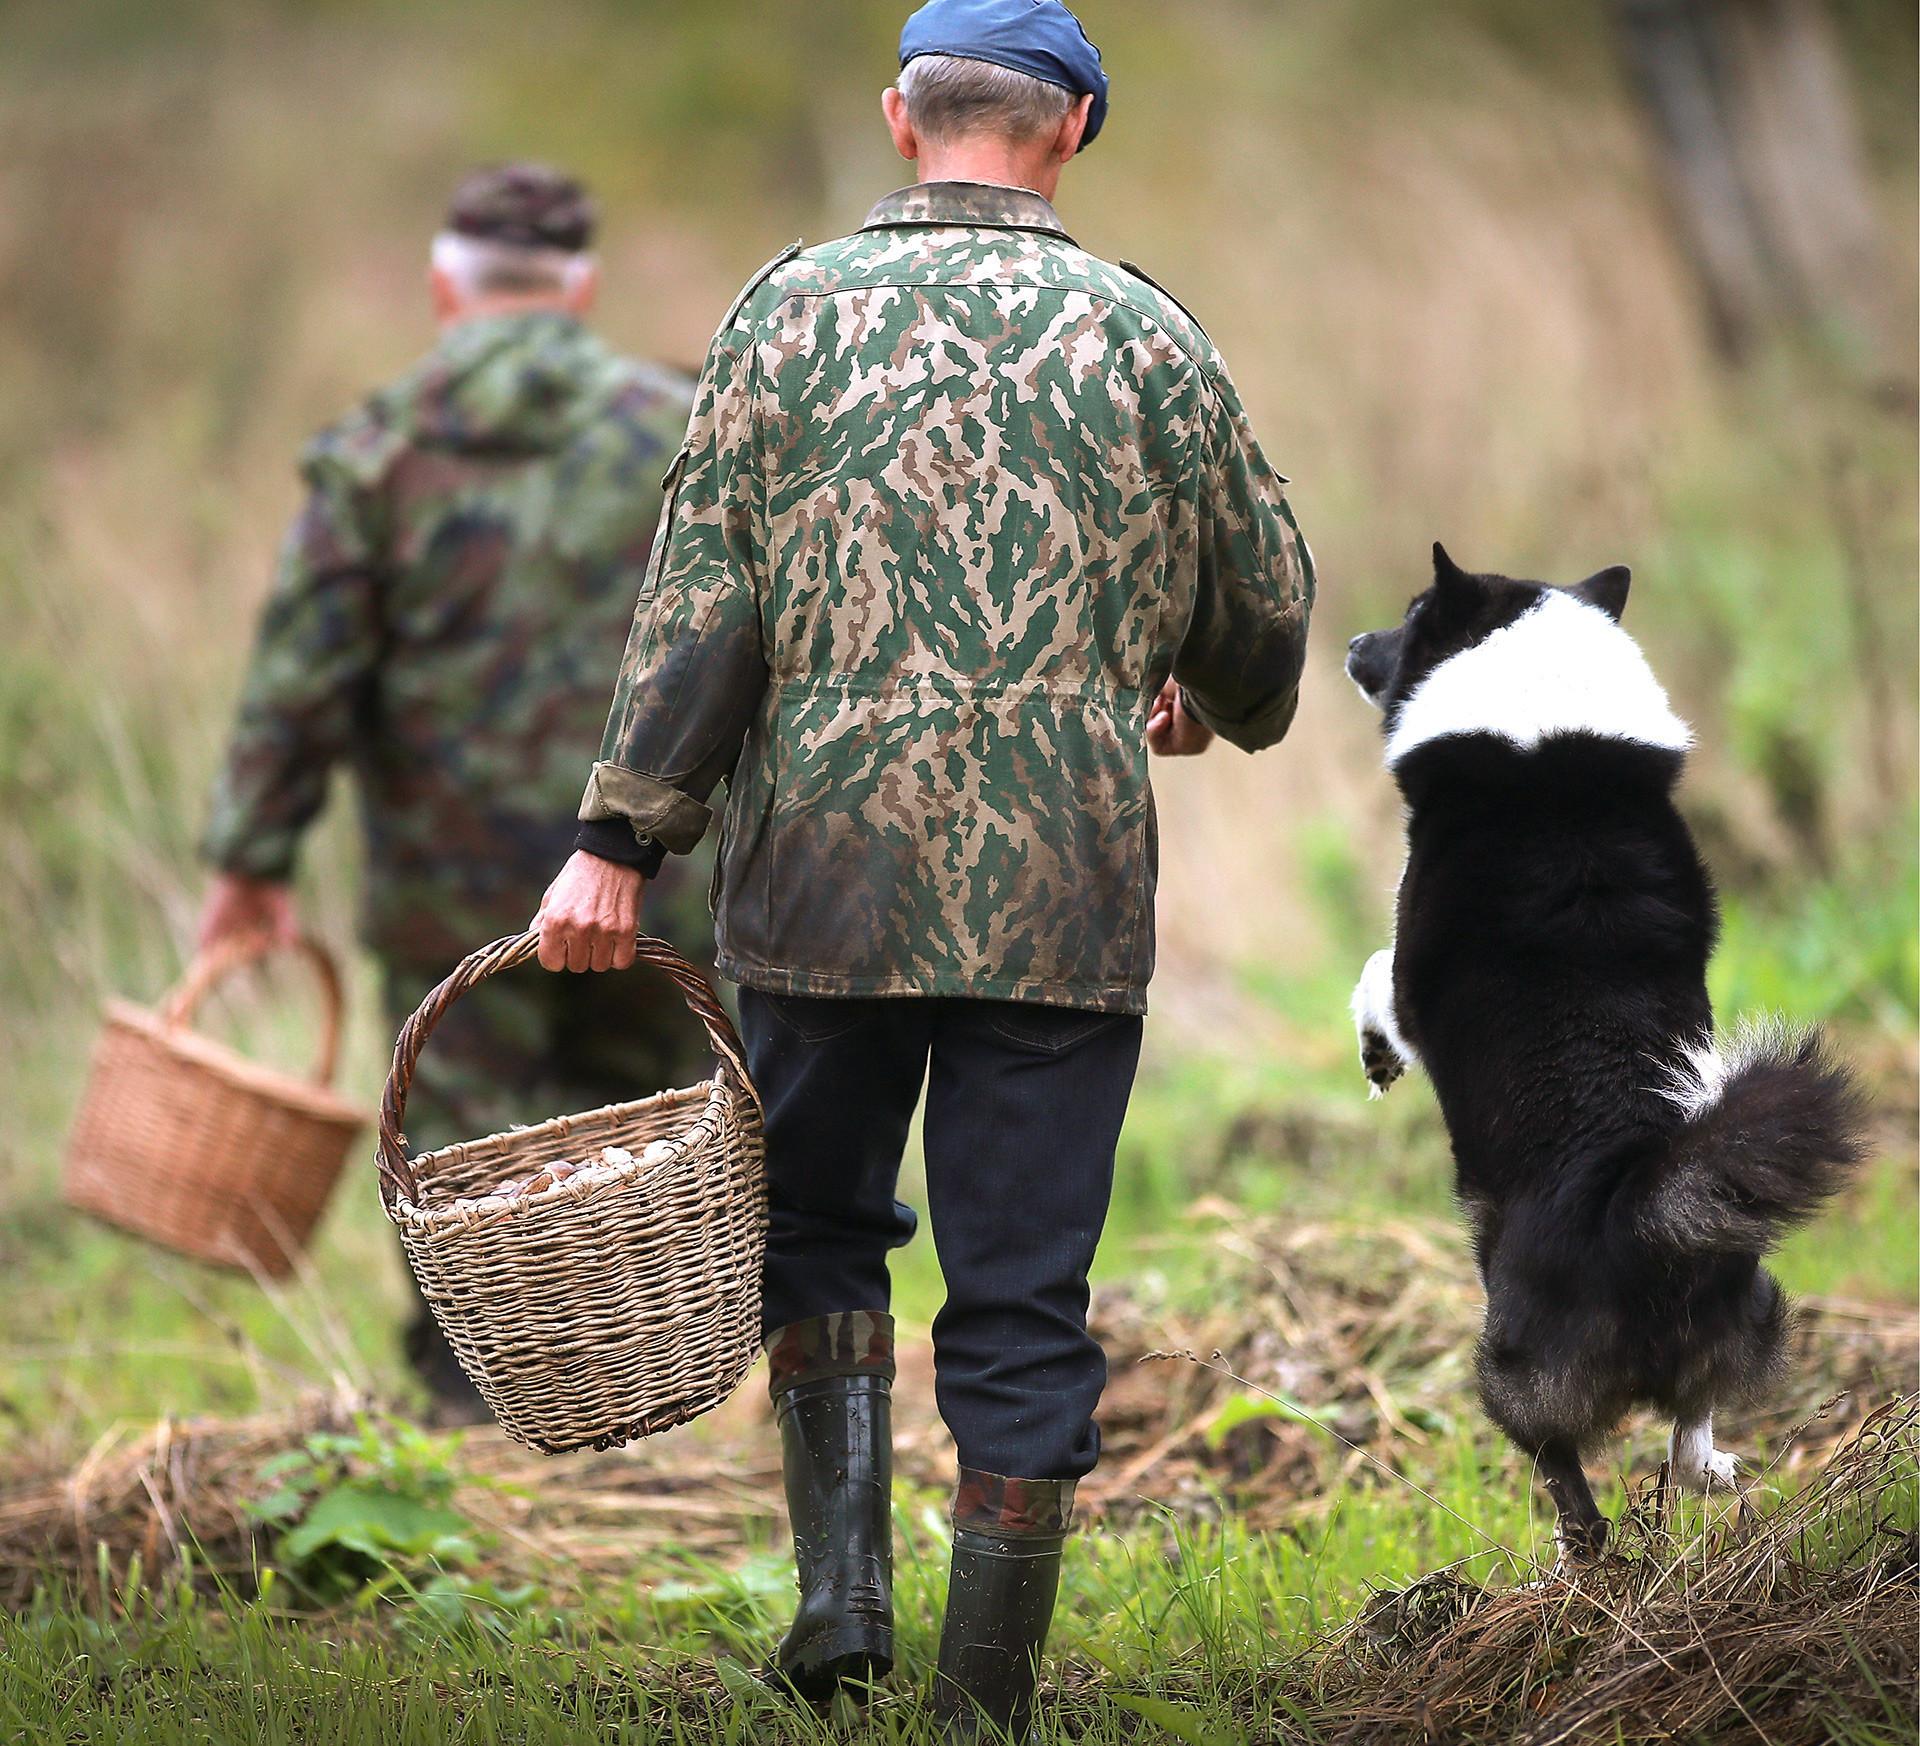 Večurno pohajkovanje po gozdu in iskanje gob je ruski nacionalni šport